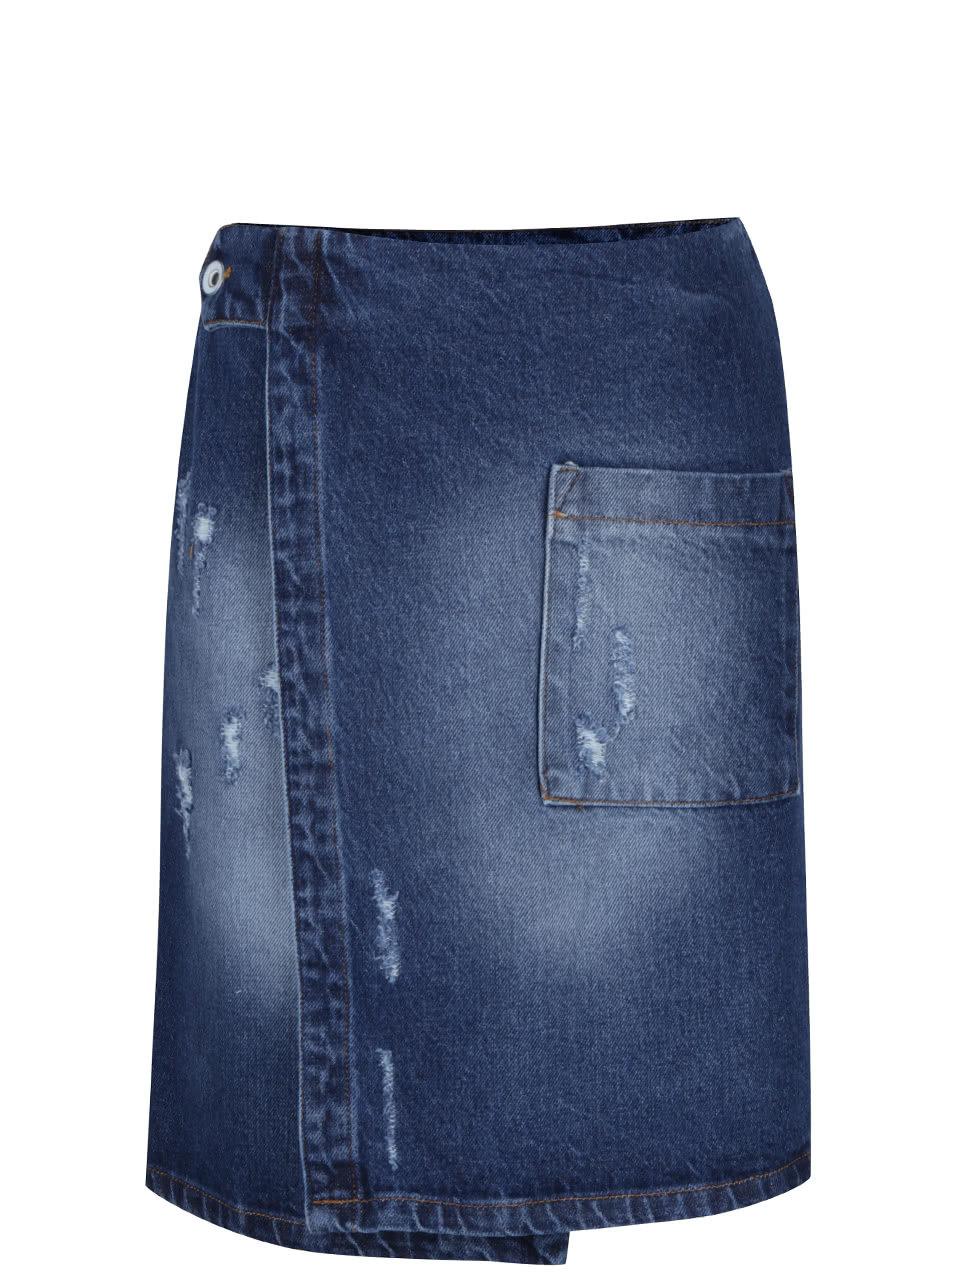 c56b76fdade Modrá džínová zavinovací sukně s kapsou Alchymi Zane ...